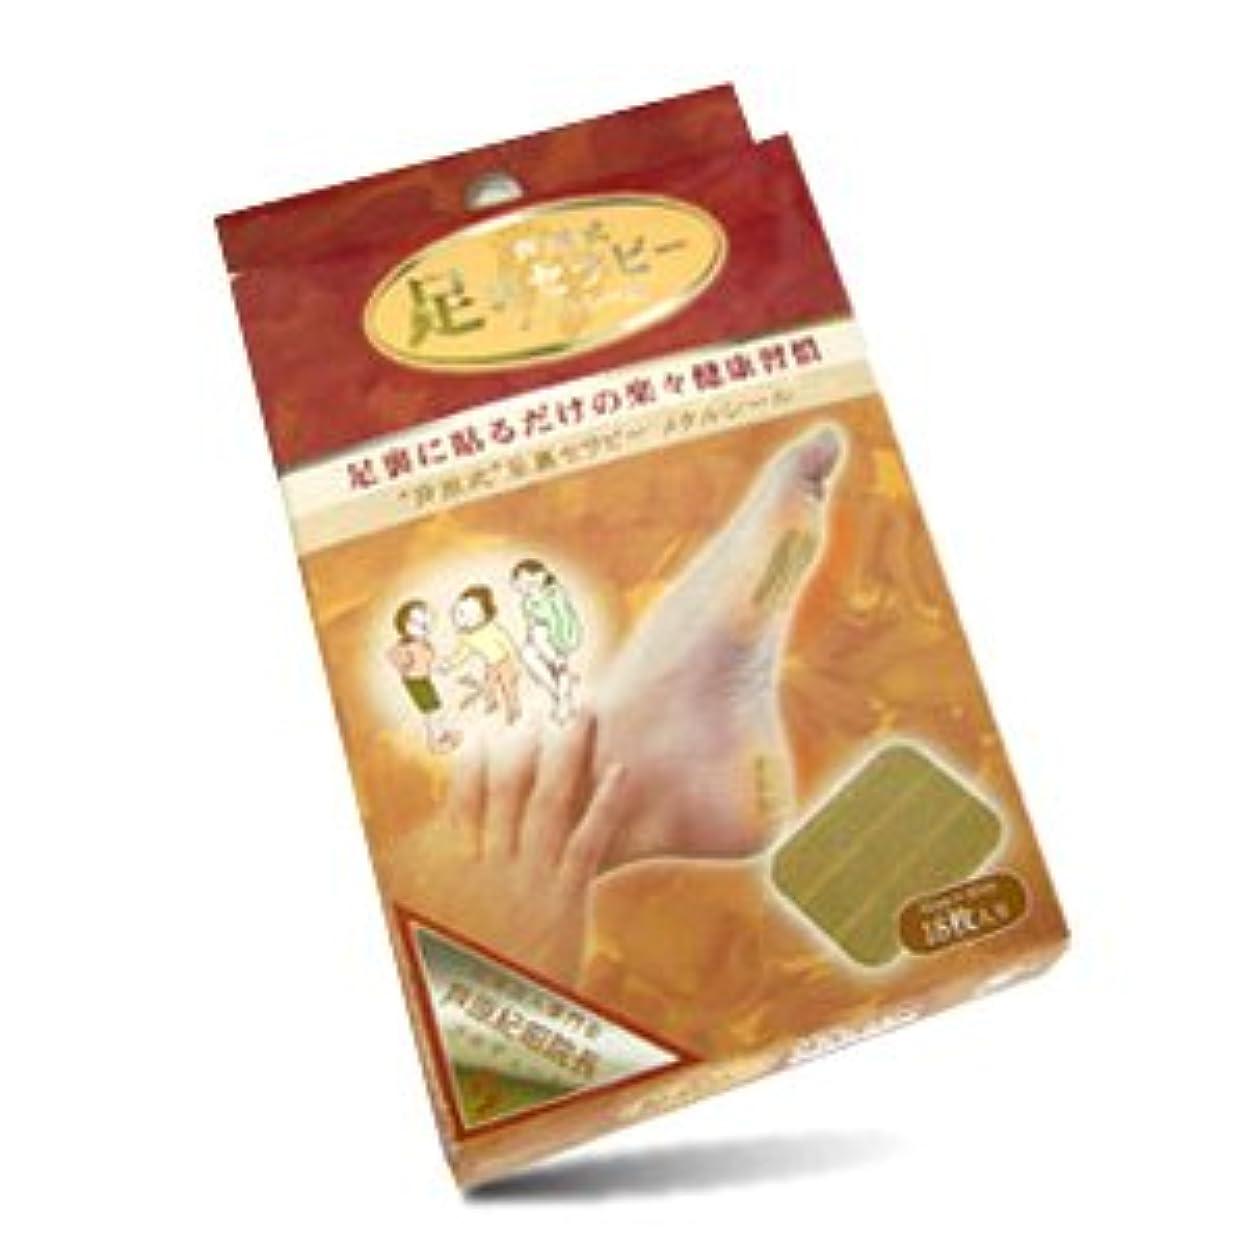 佐賀蒸気甘味芦原式足裏セラピー メタルシール 84枚入り 足裏に貼るだけの楽々健康習慣!